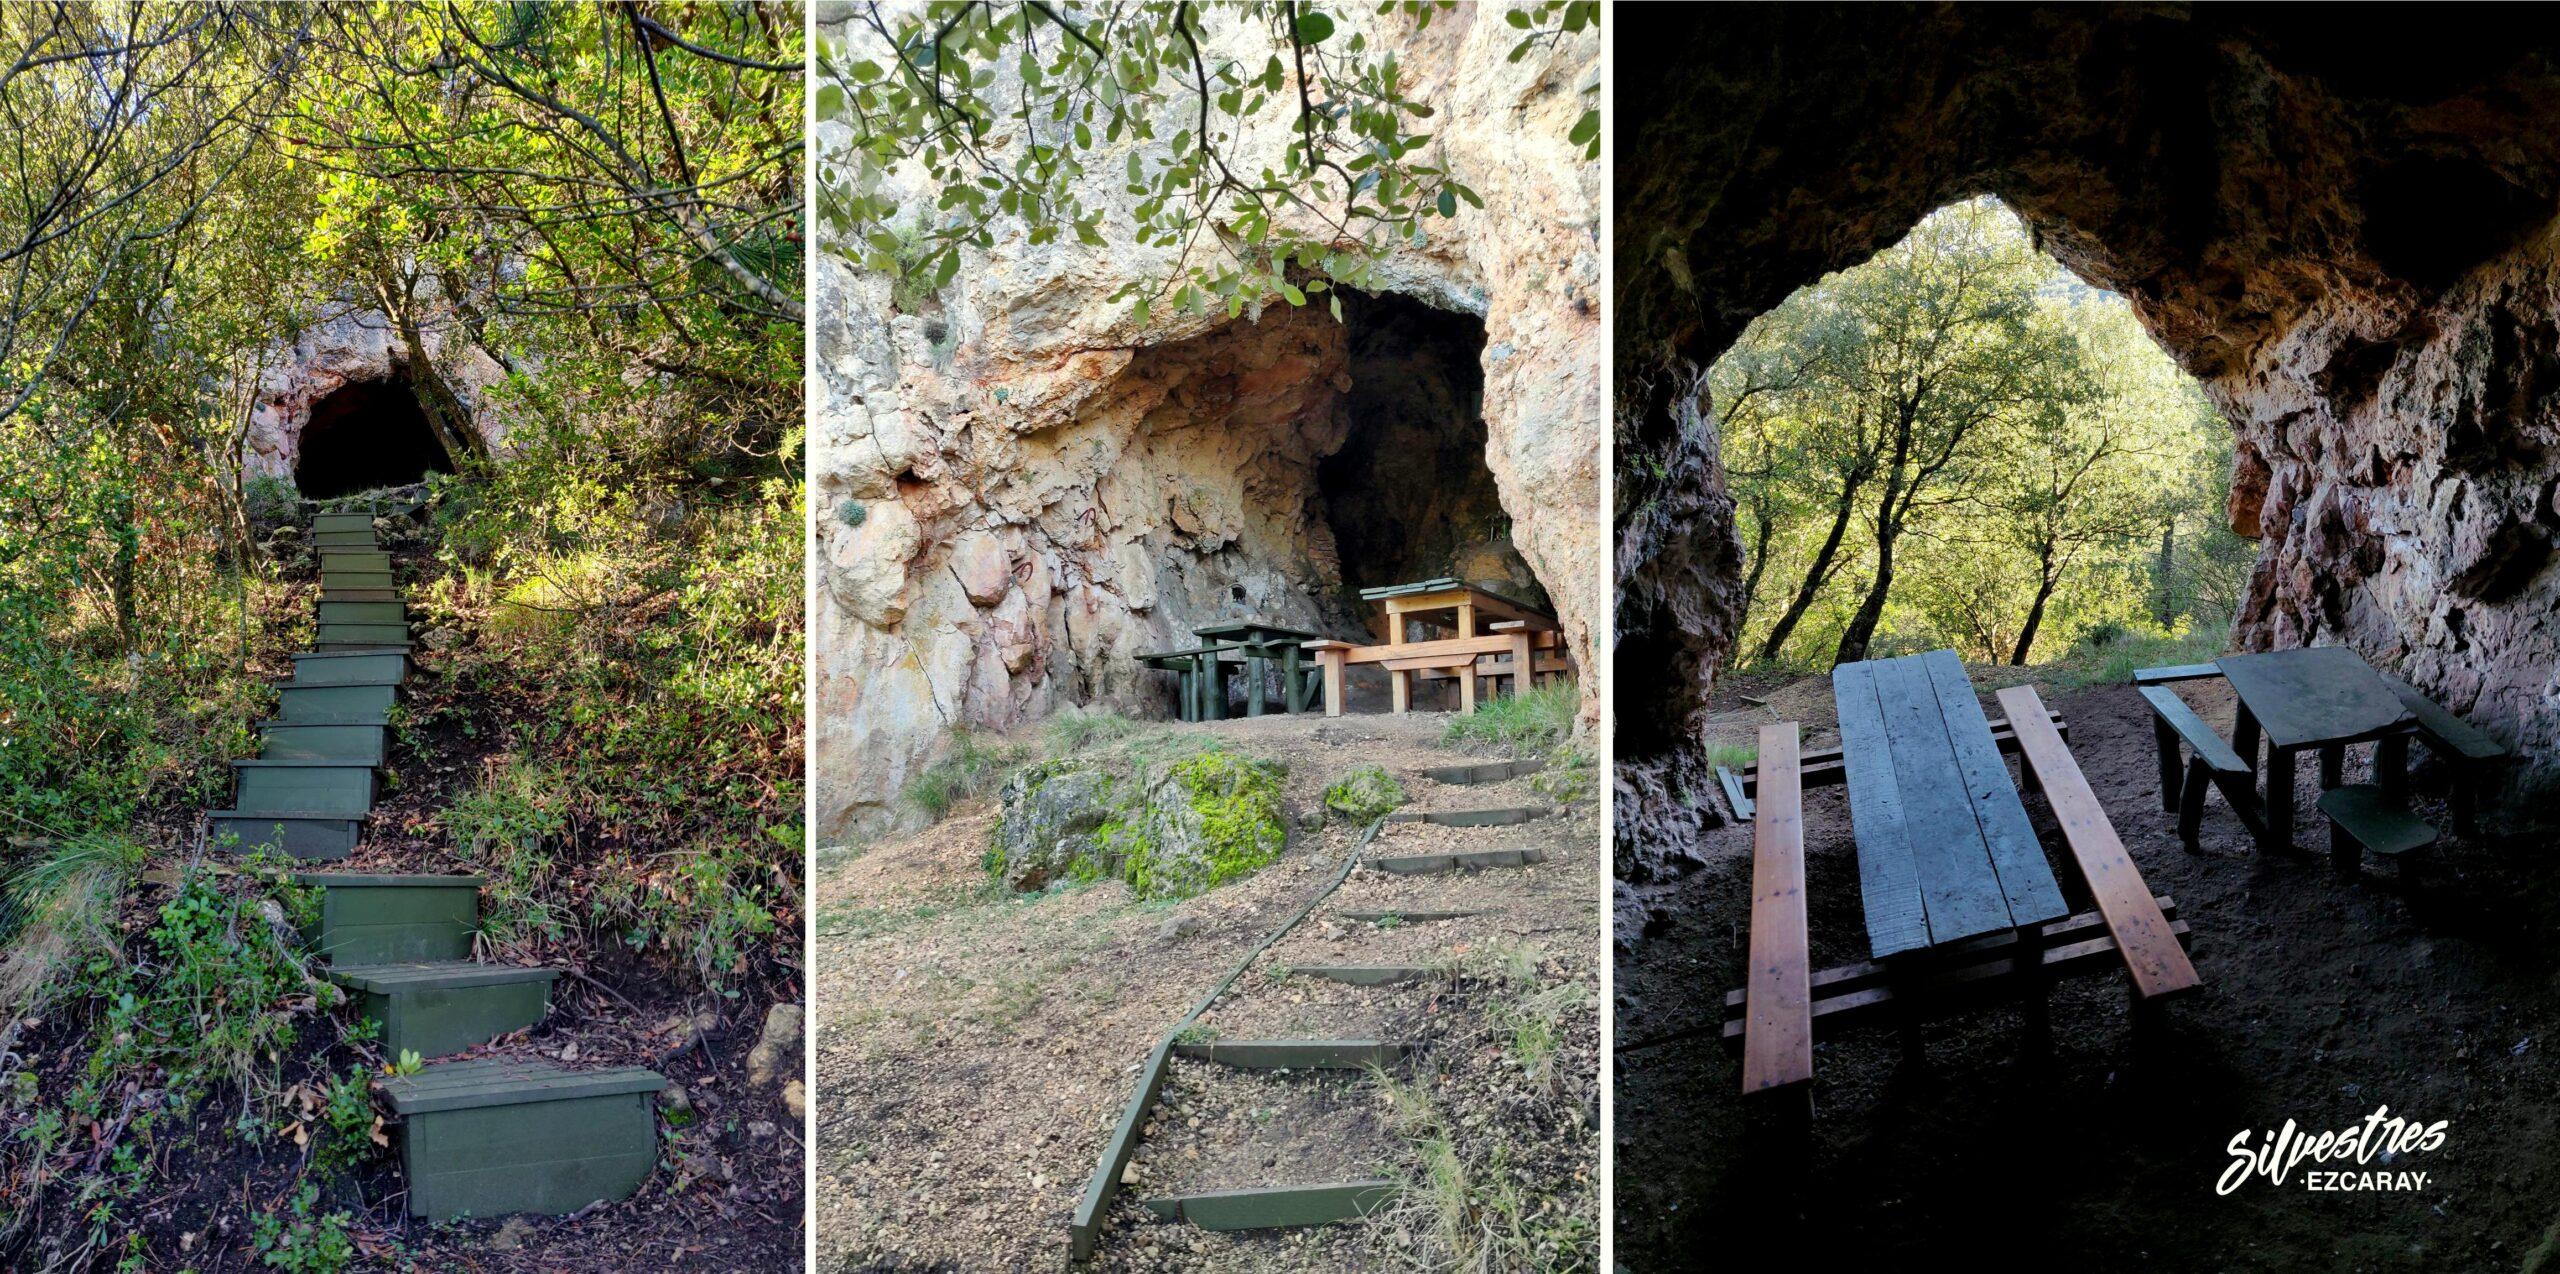 cueva_llanejos_rutas_wikiloc_obarenes_la_rioja_senderismo_guia_montaña_silvestres_ezcaray